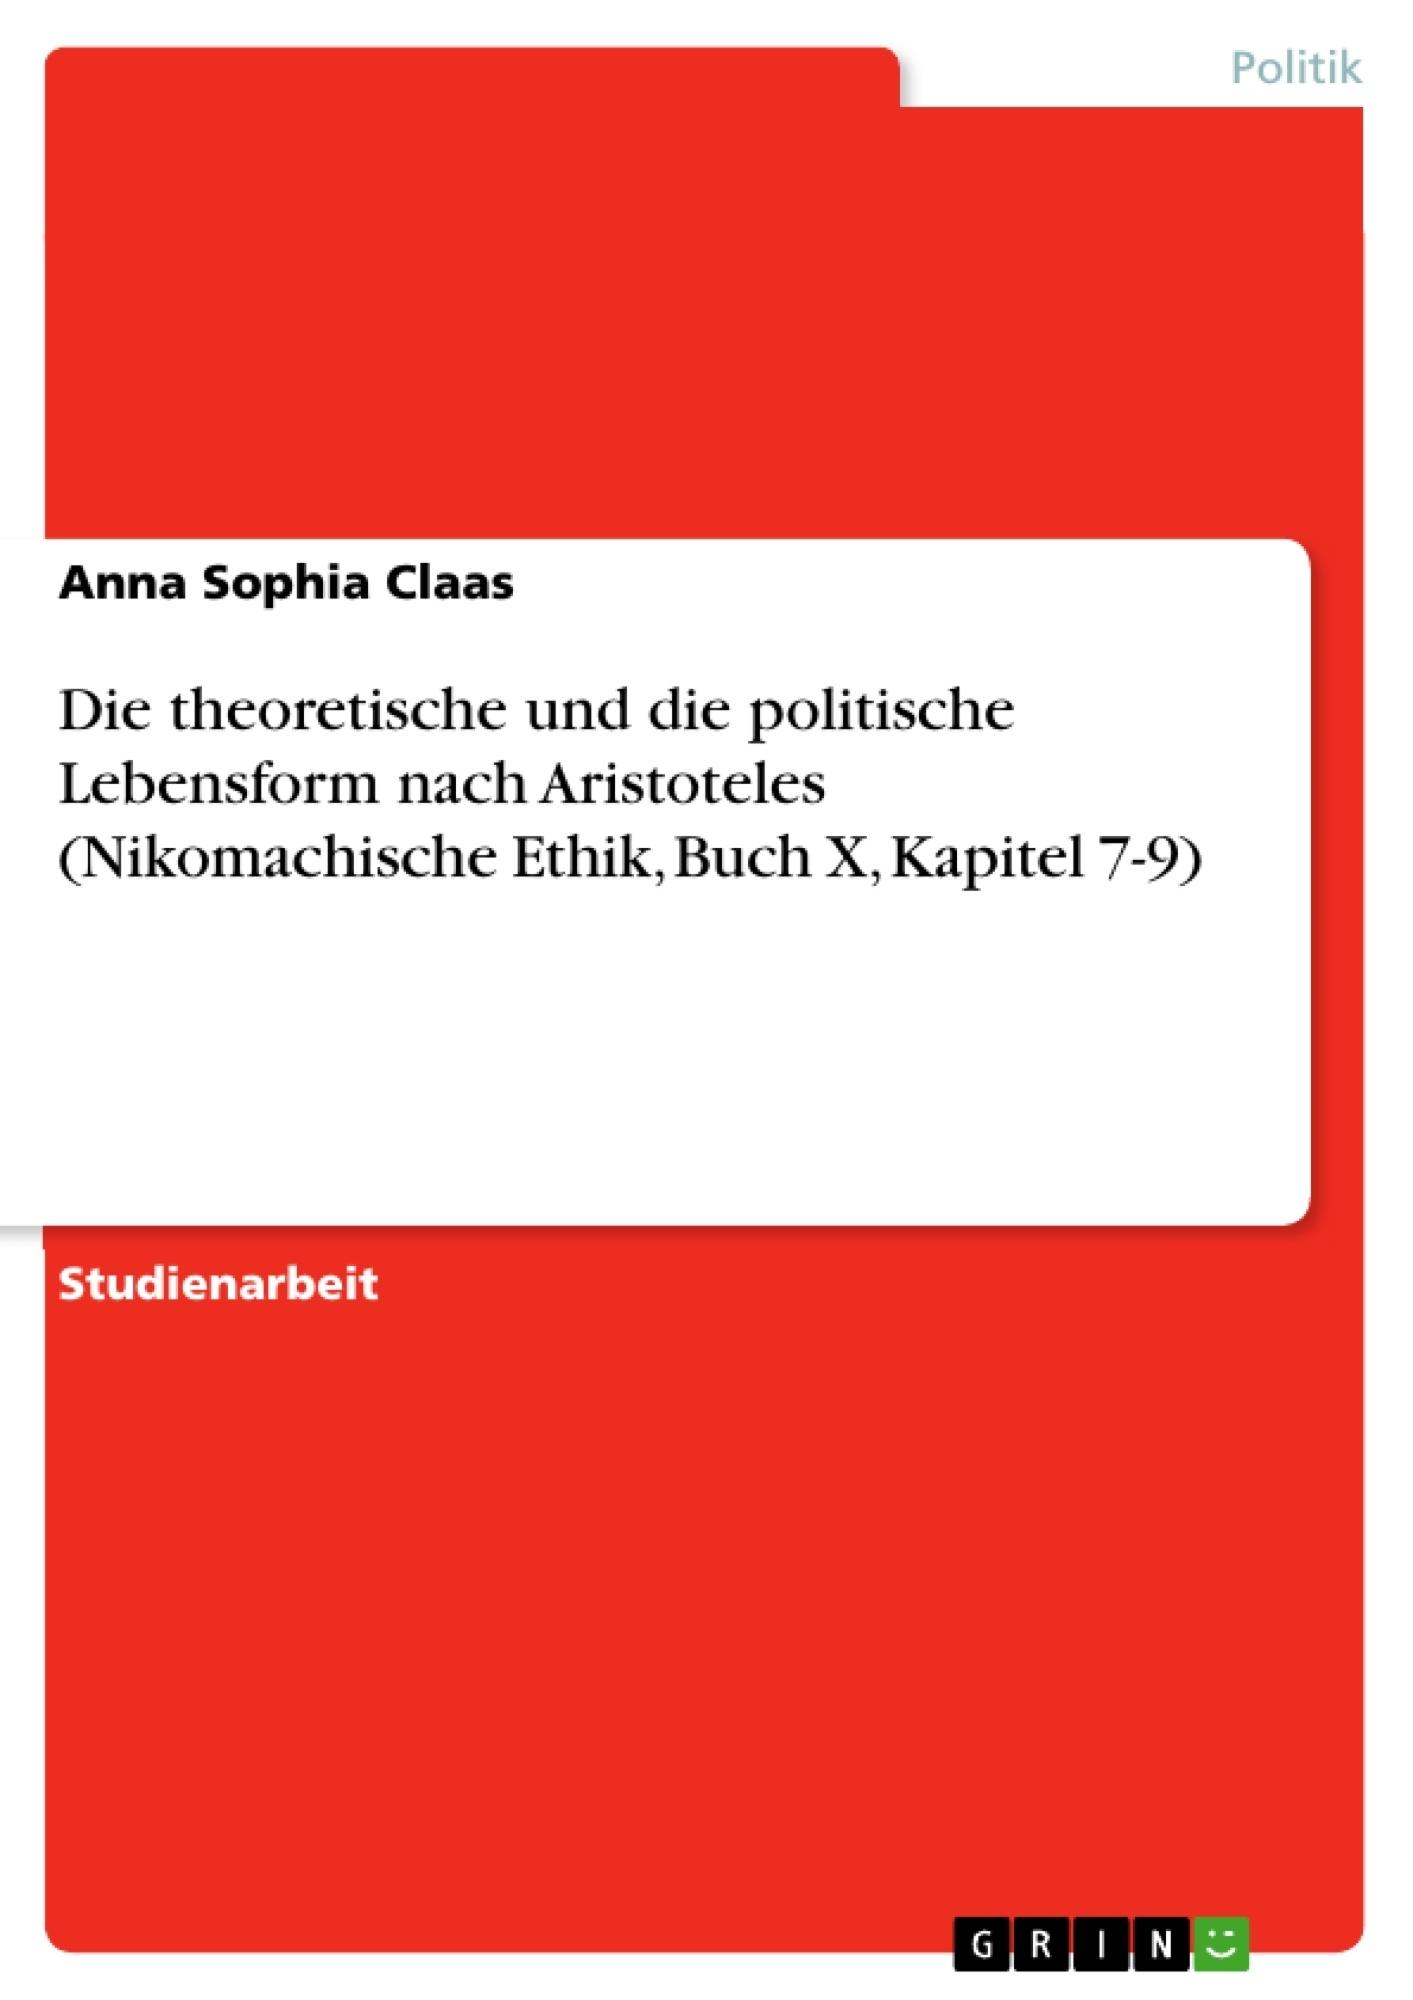 Titel: Die theoretische und die politische Lebensform nach Aristoteles (Nikomachische Ethik, Buch X, Kapitel 7-9)